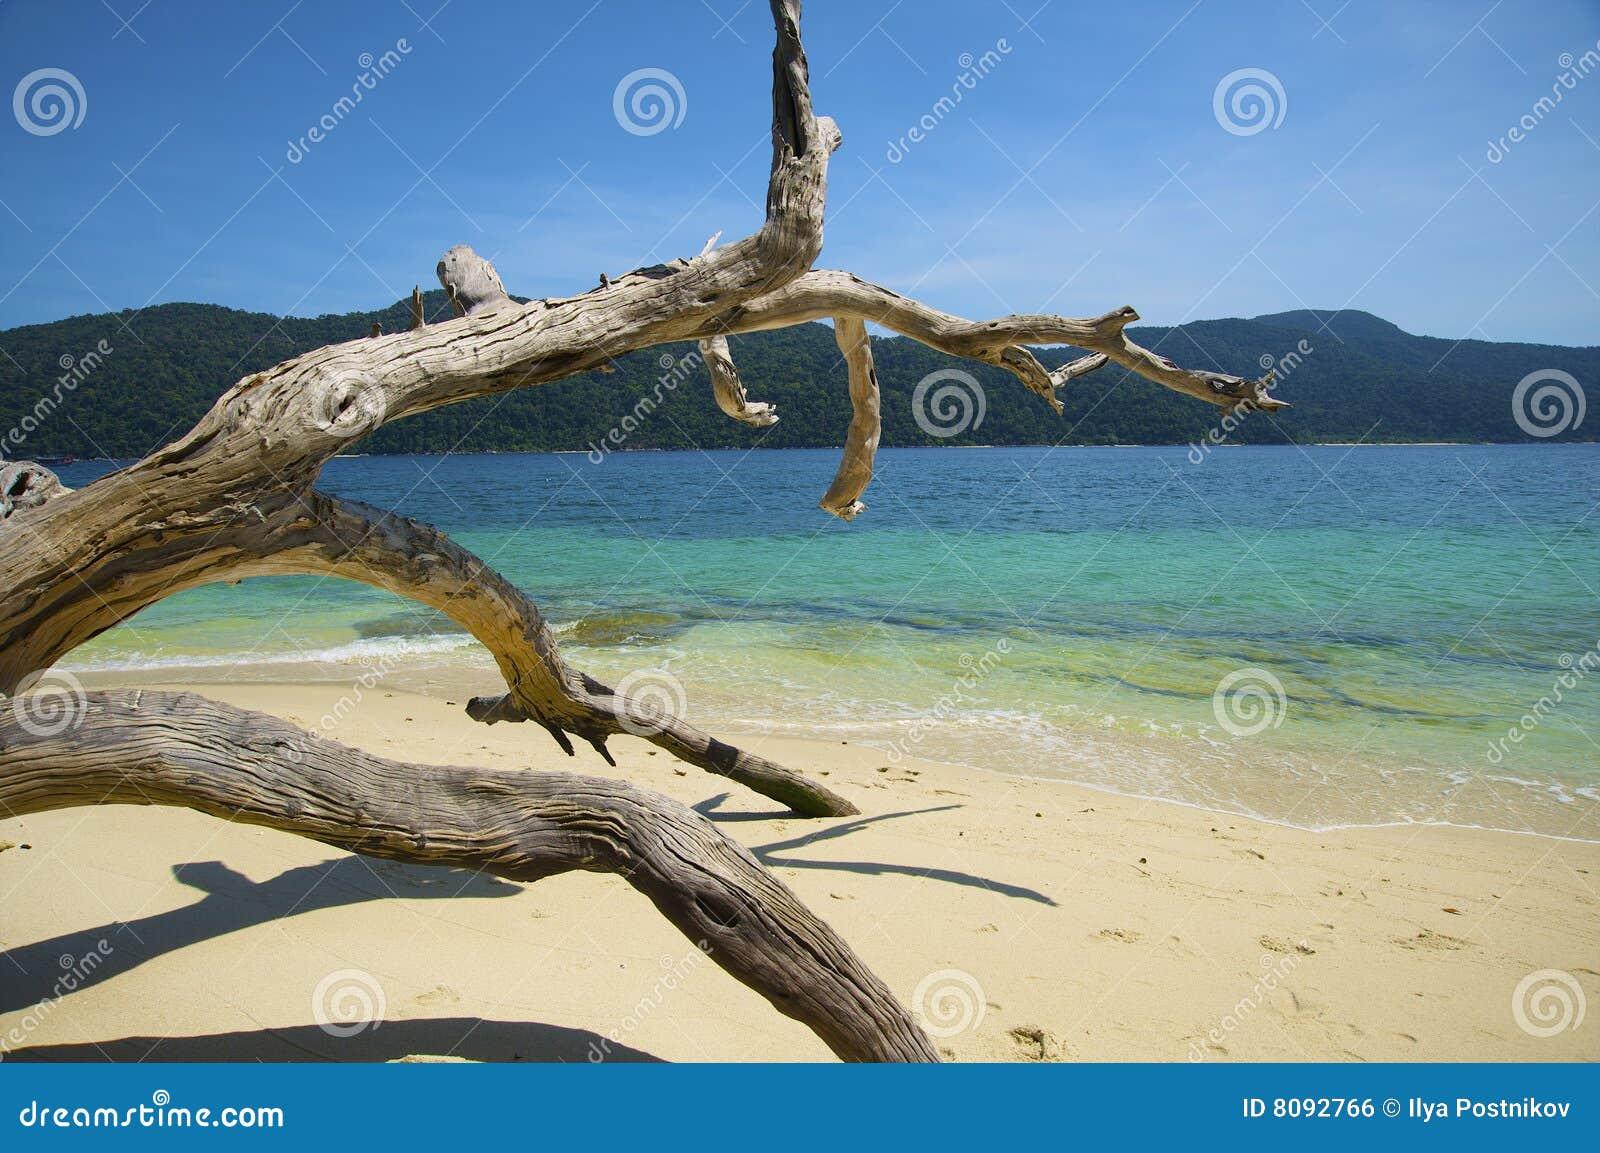 Landschaften des Adaman Meeres